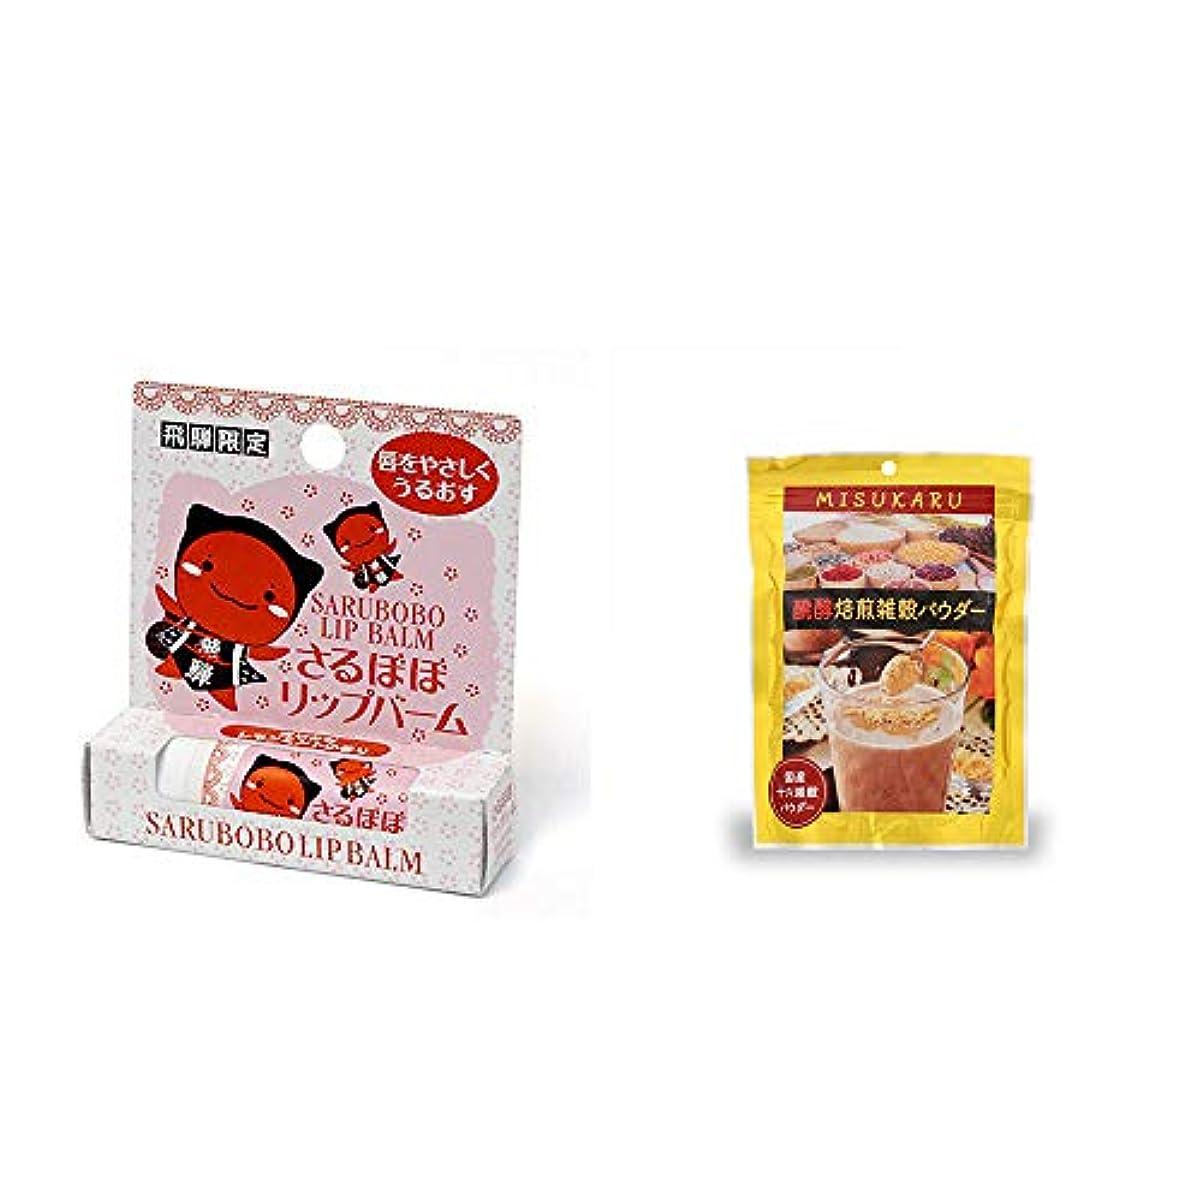 道路からに変化するキウイ[2点セット] さるぼぼ リップバーム(4g) ?醗酵焙煎雑穀パウダー MISUKARU(ミスカル)(200g)